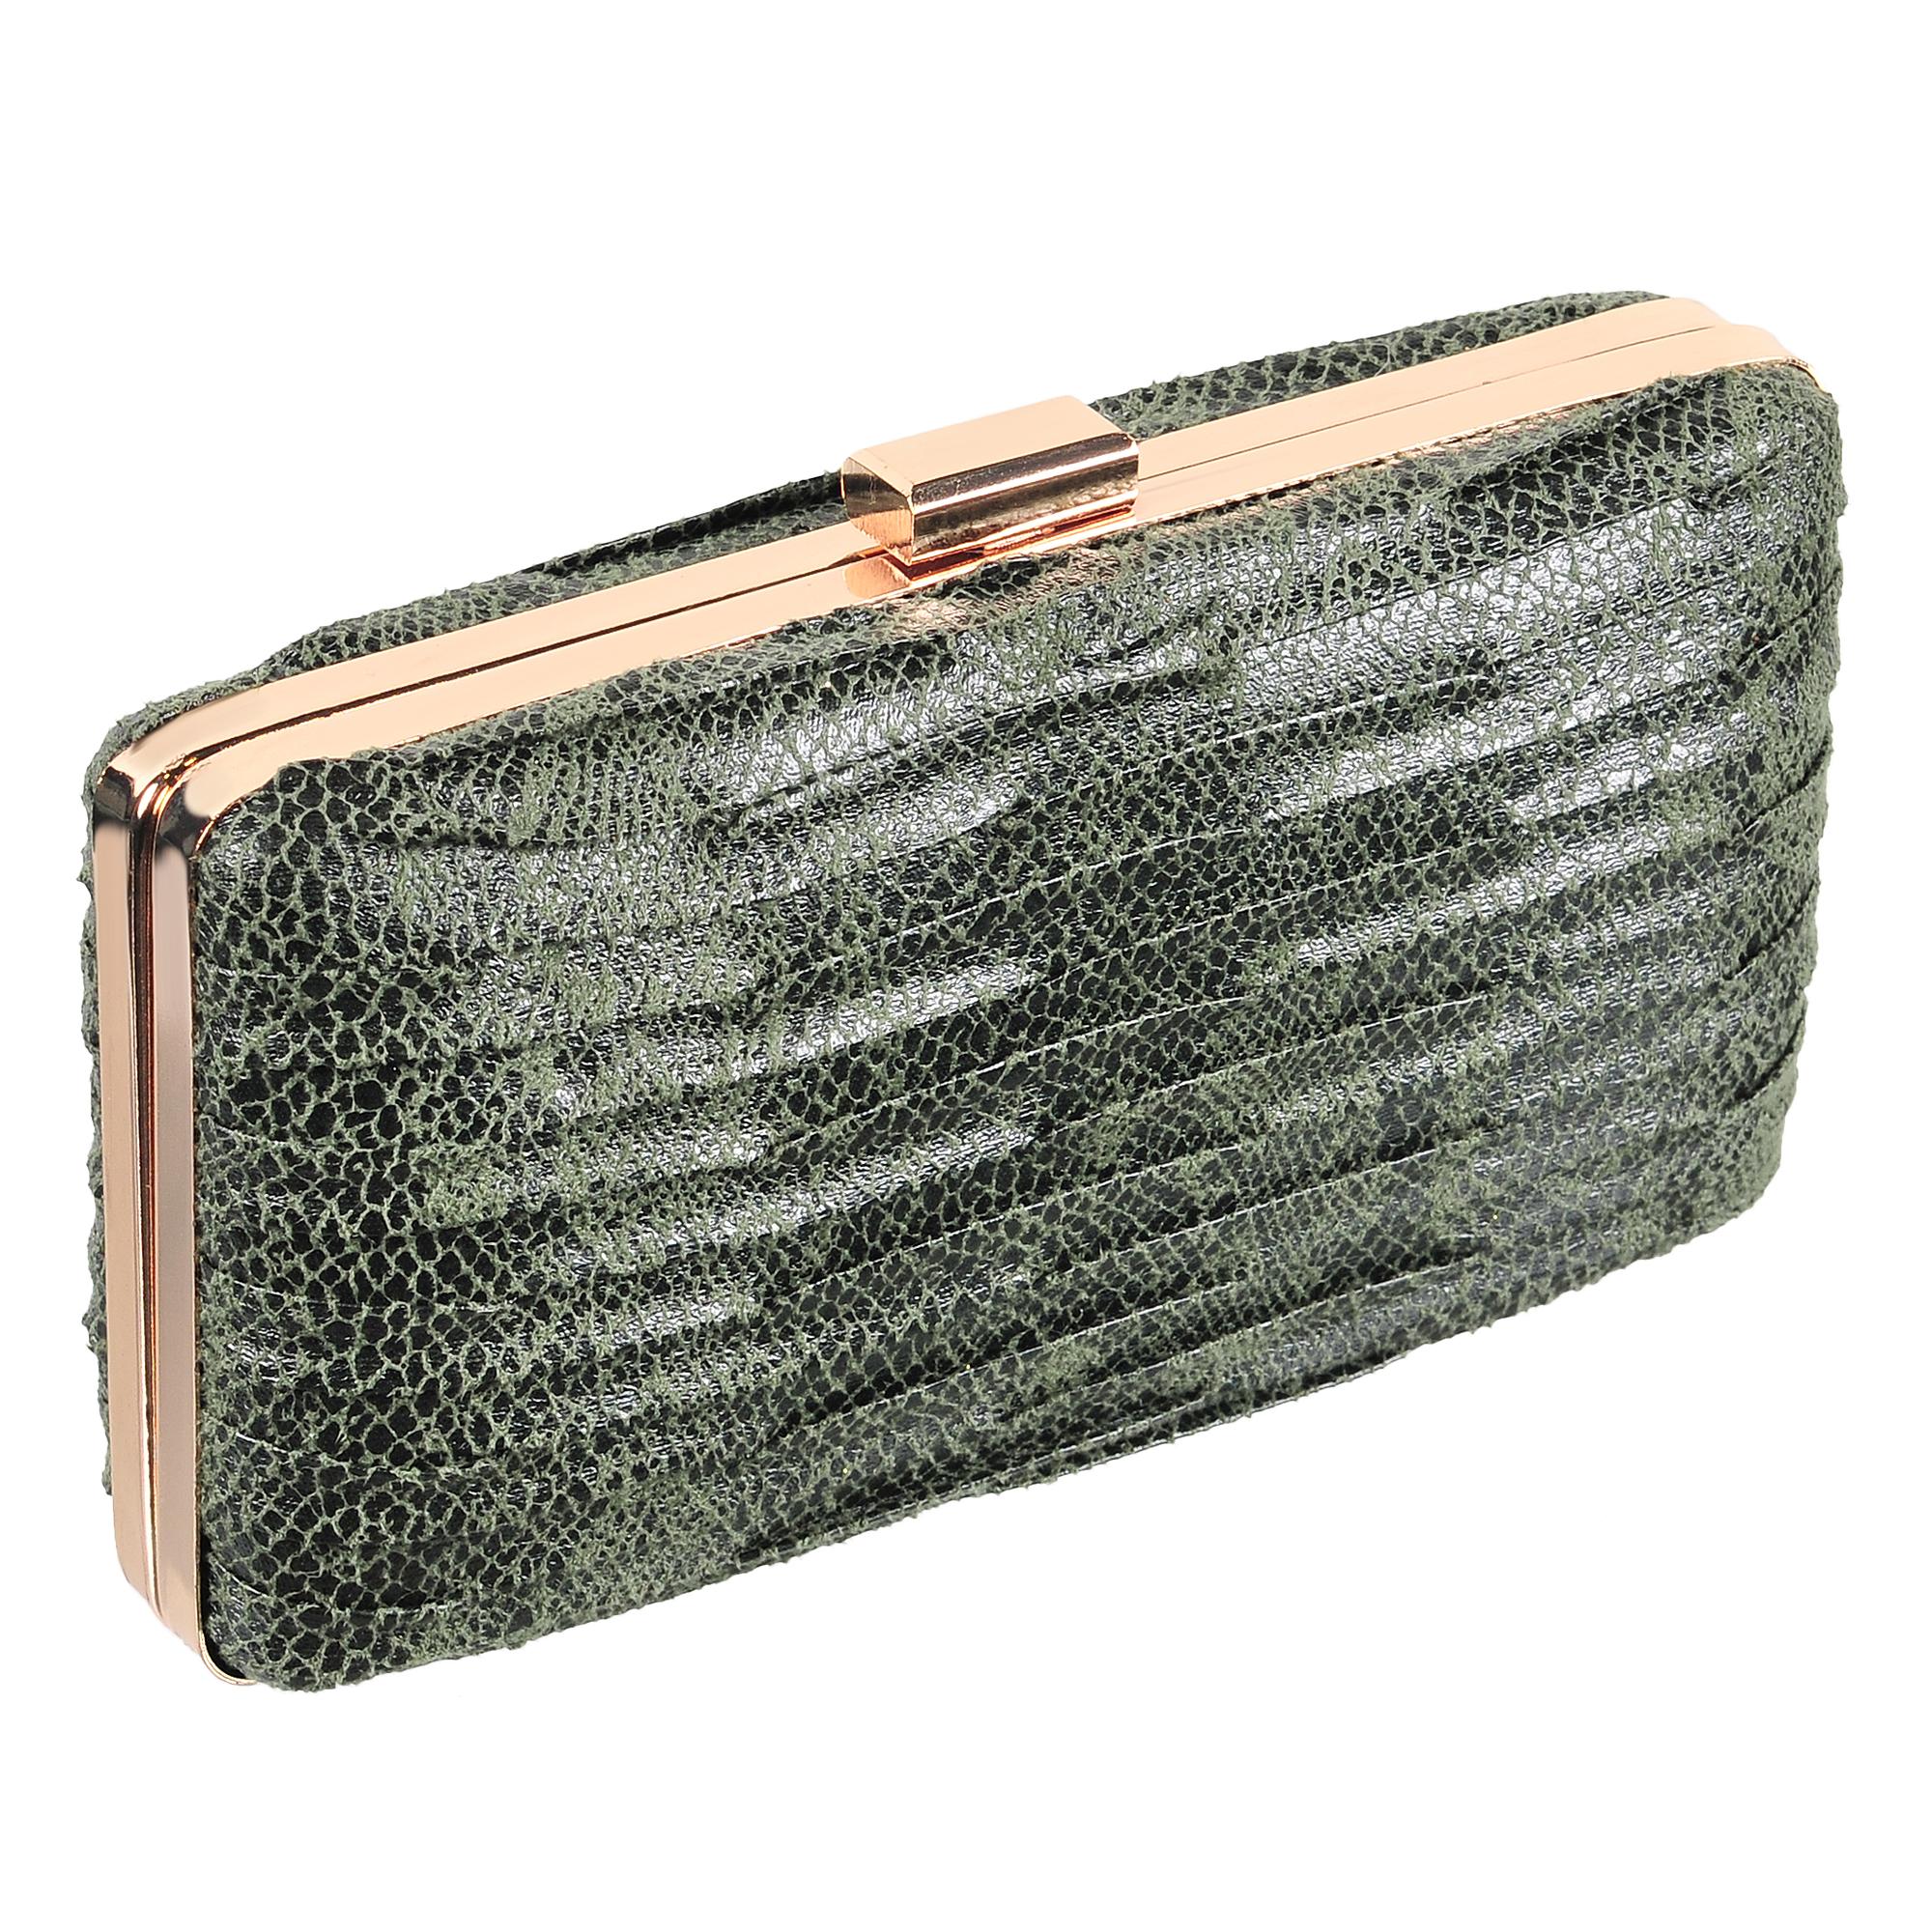 Клатч женский Модные истории, цвет: зеленый. 3/0244/2433/0244/243Клатч закругленной прямоугольной формы с защелкивающимся металлическим замочком. Выполнен из искусственной замши. Декорирован золотистой фурнитурой. Одно отделение с подкладочной тканью. Имеется ремешок, который позволяет носить клатч на плече. Состав: искусственная кожа, металл. Размер: 17,5*9,5 см.